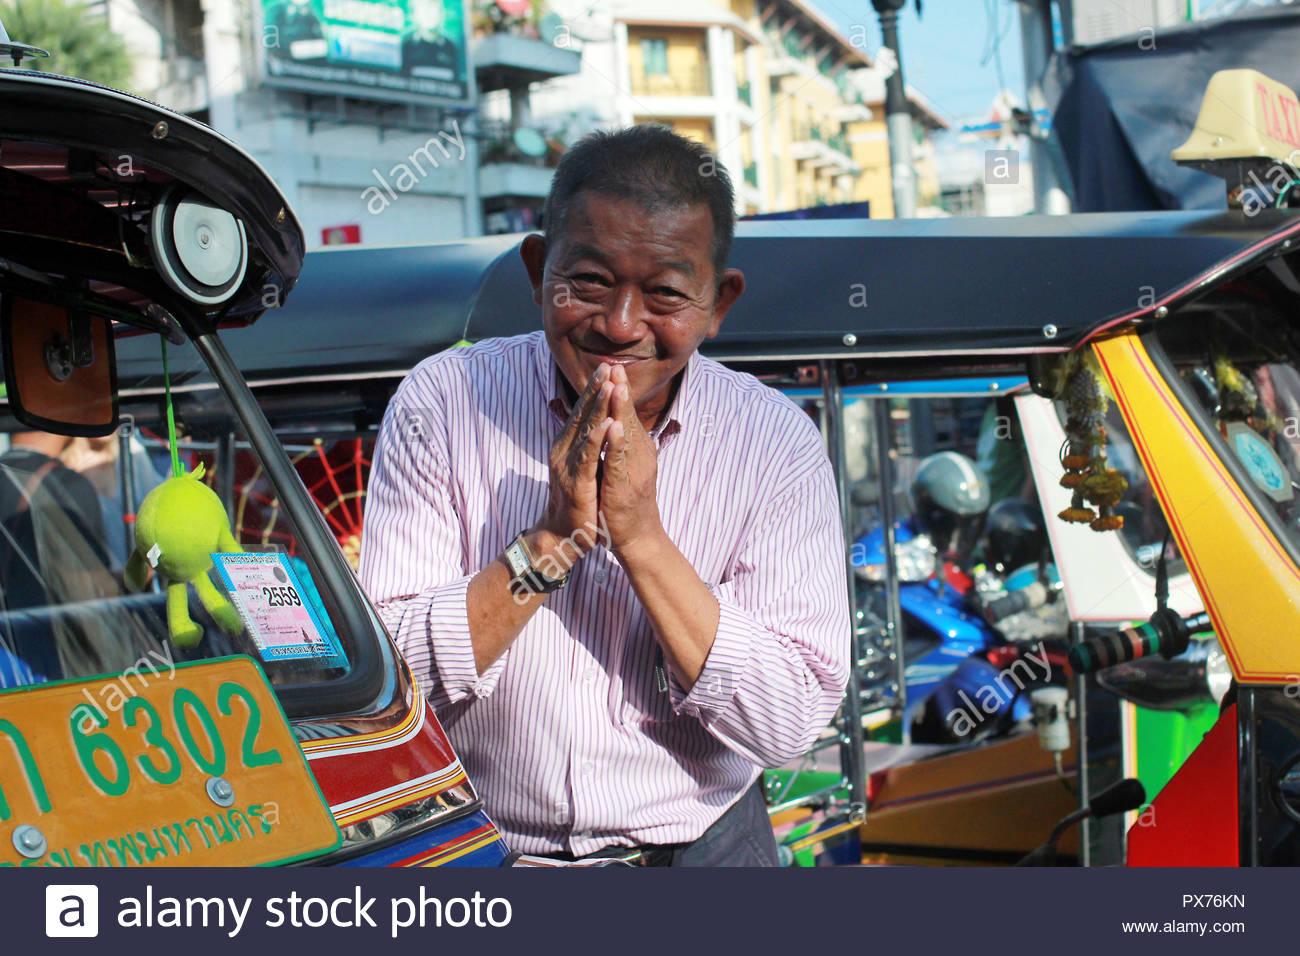 Bangkok, Thailand - 10.30.2015 - portrait of smiling and bowing tuk tuk driver between tuk tuks - Stock Image